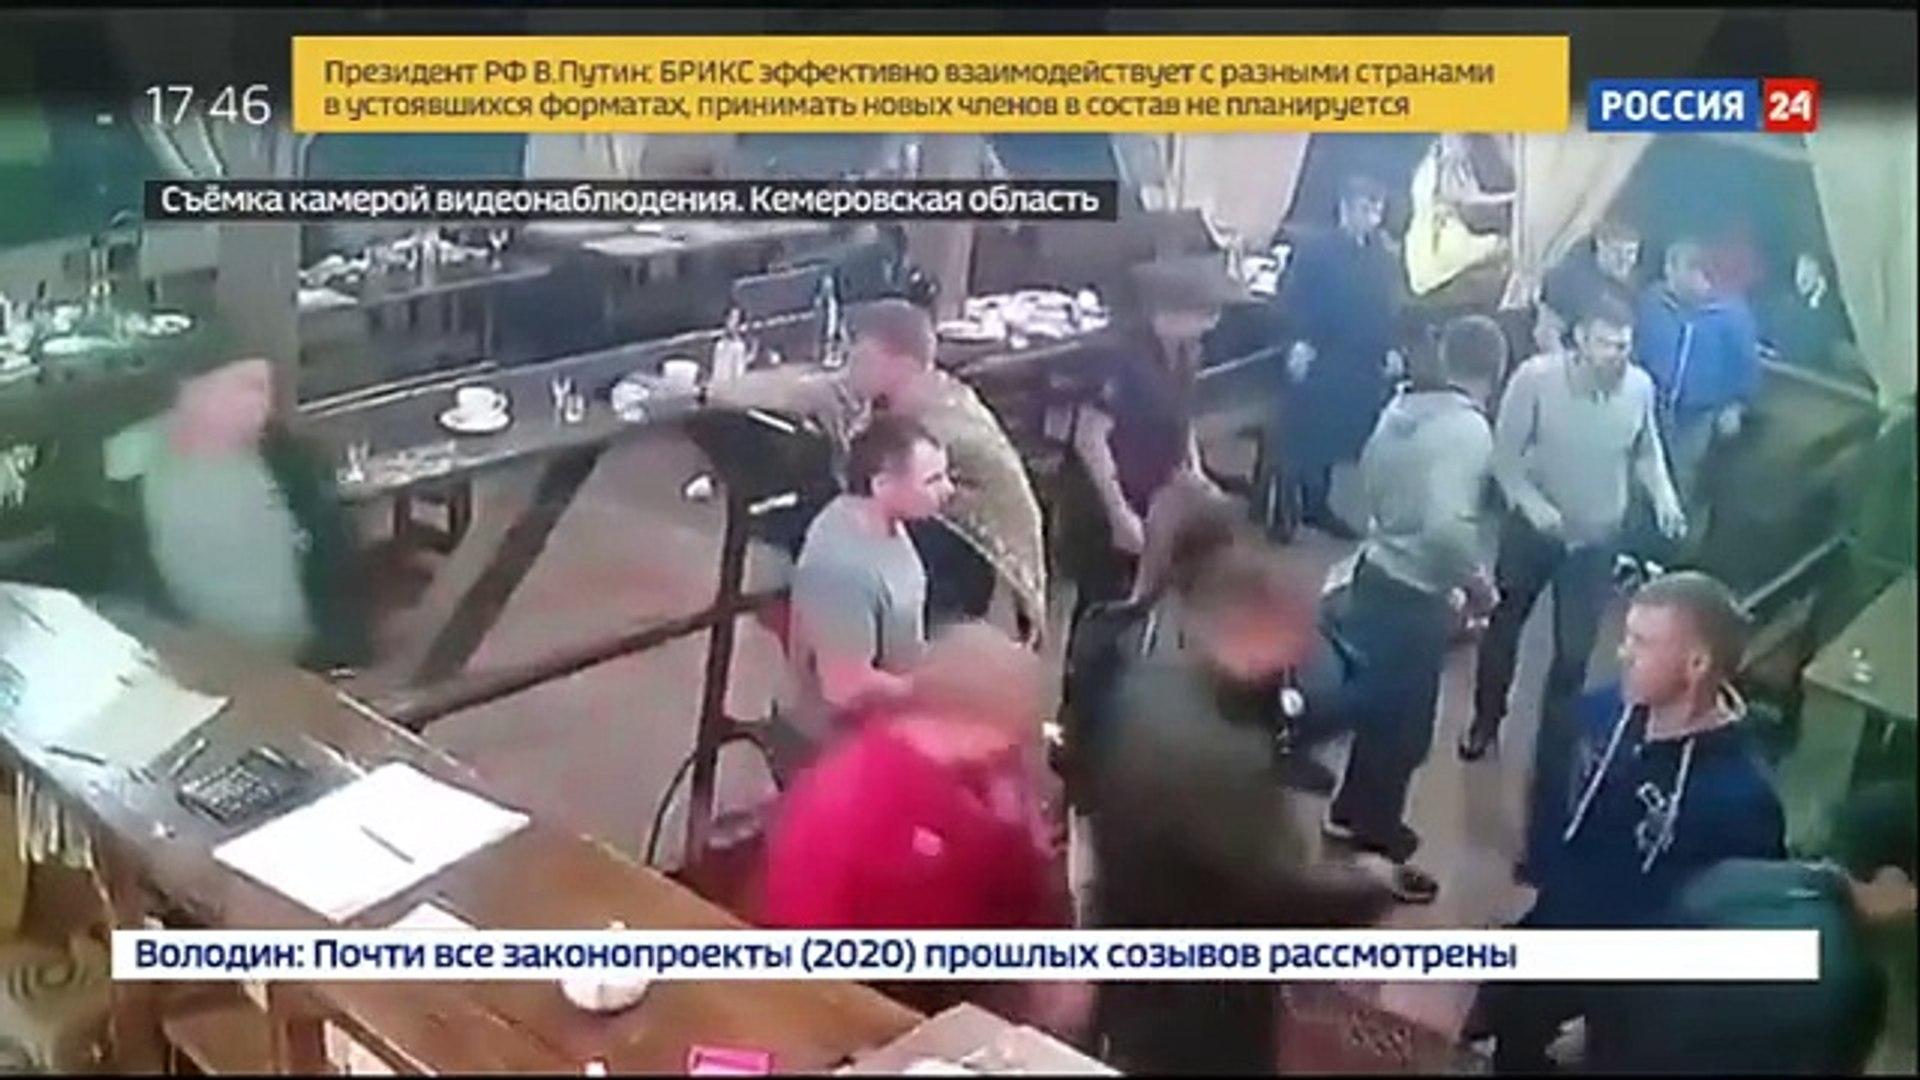 В Кемеровской области убили криминального авторитета